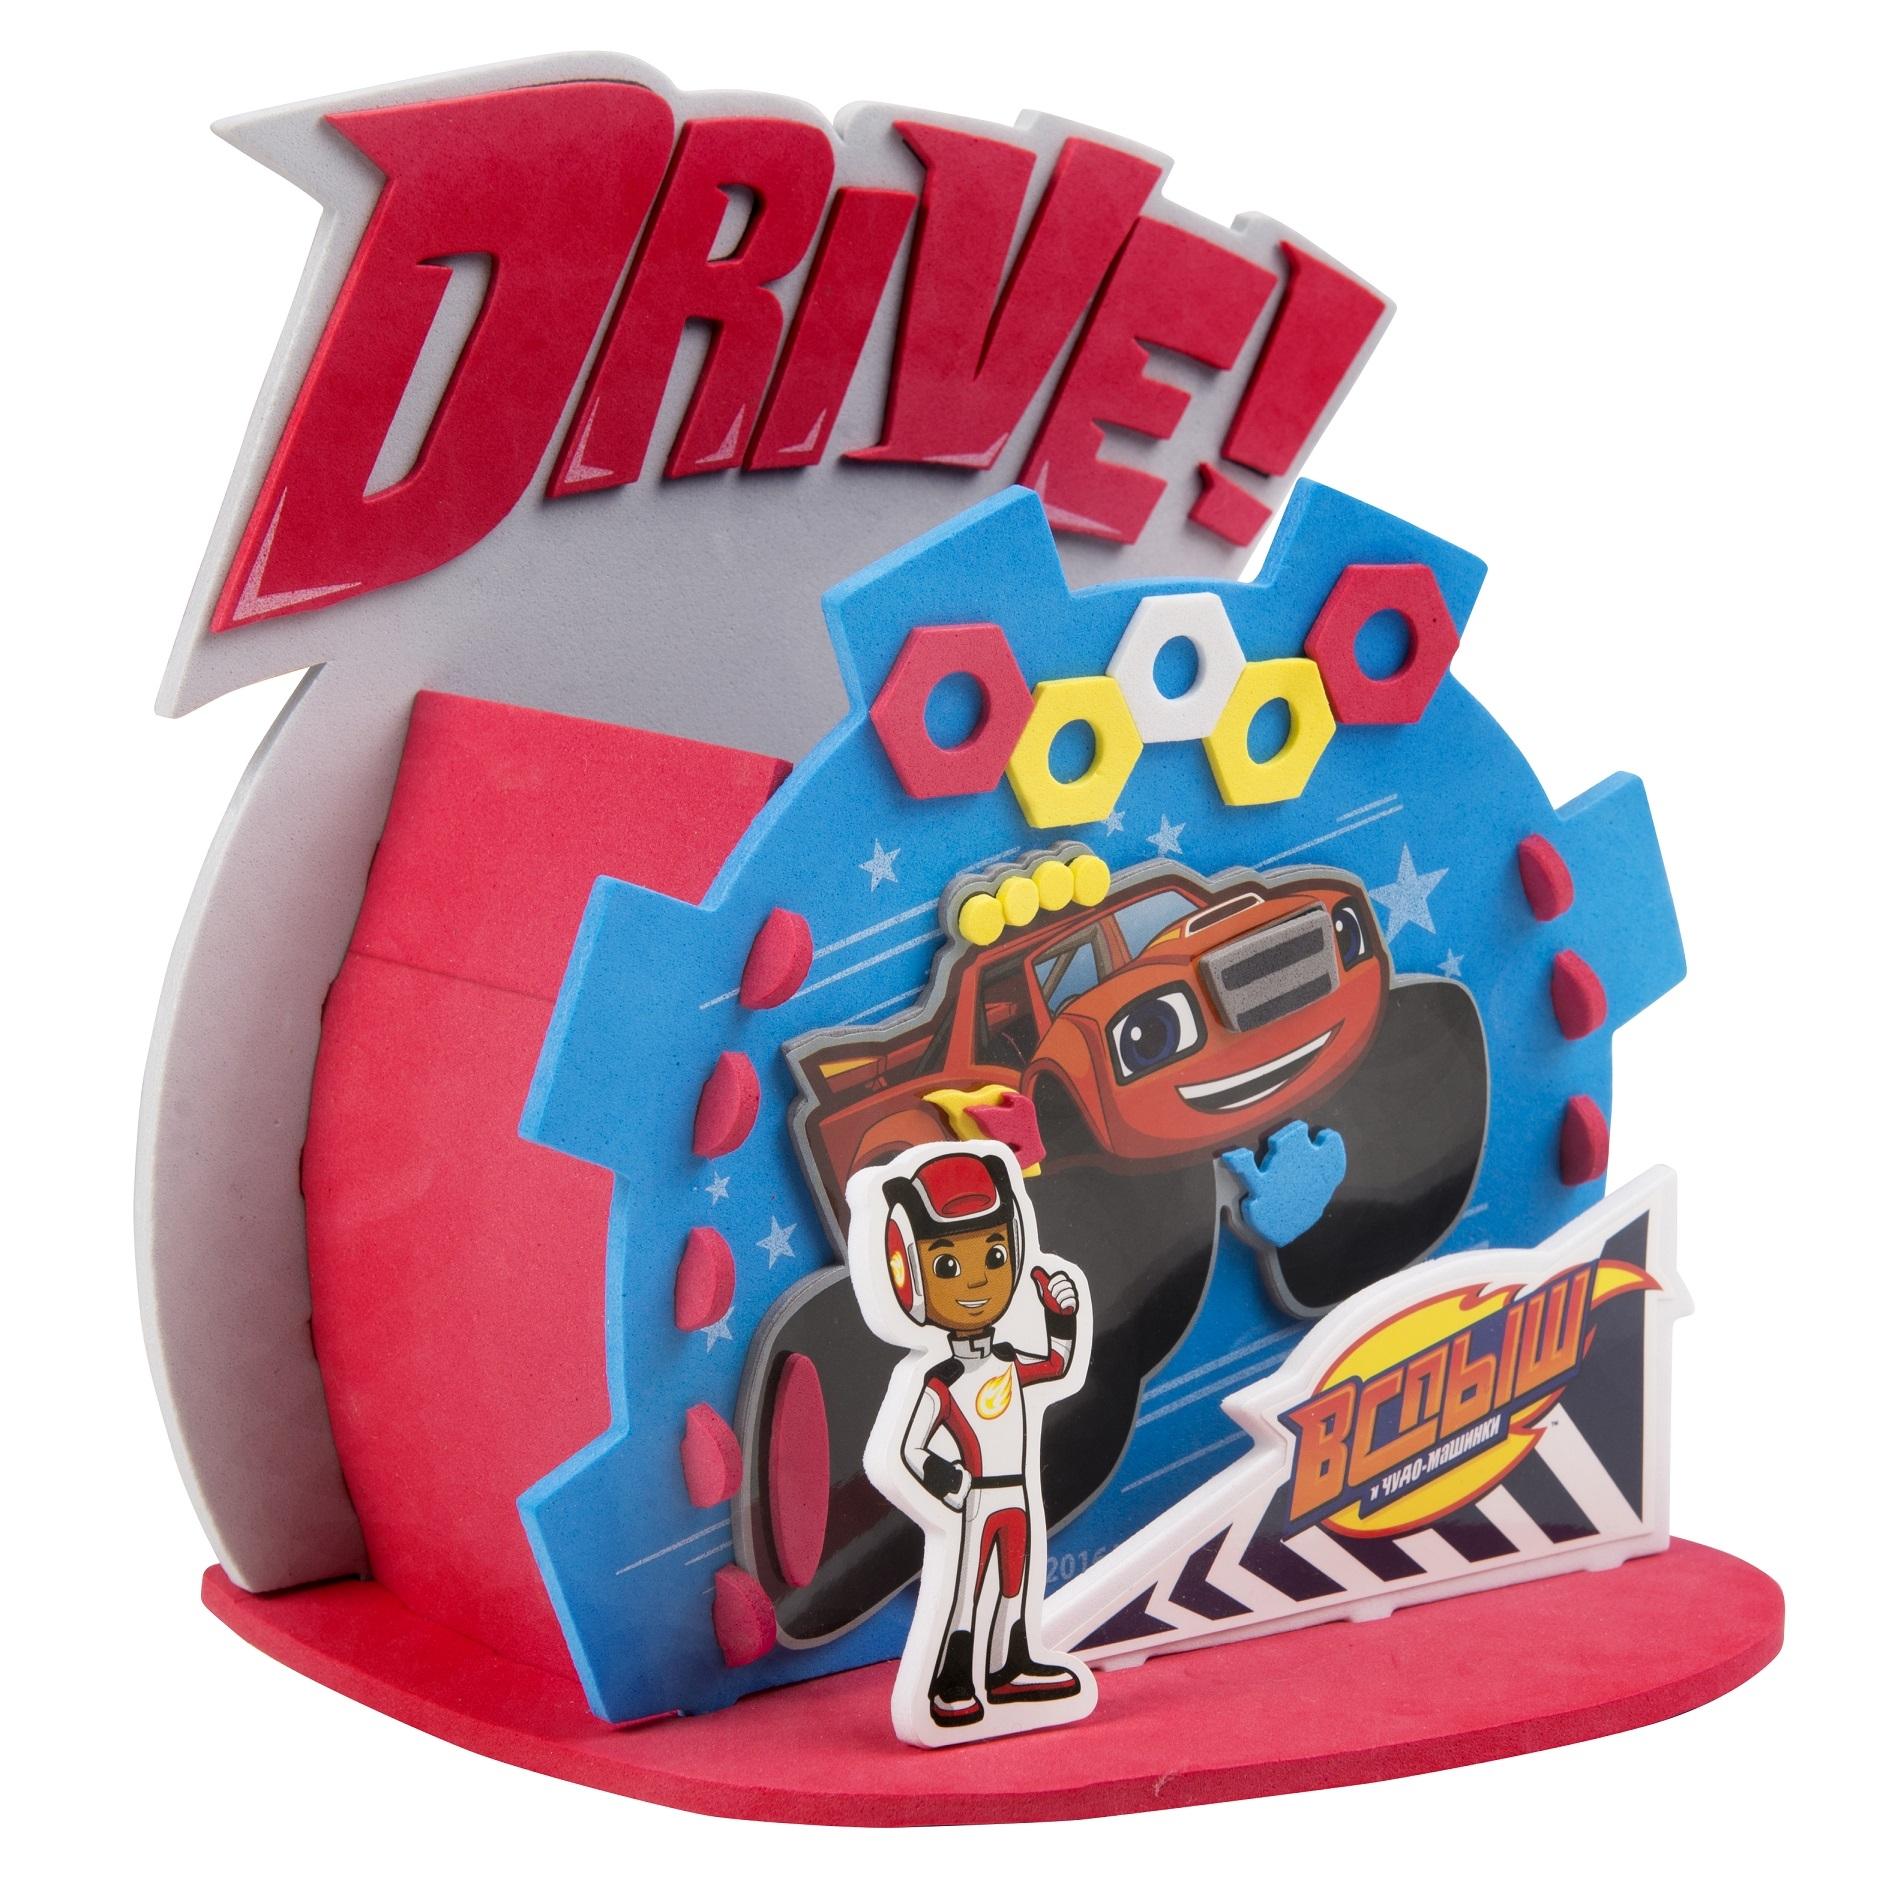 Купить Игровой набор, Домик для карандашей Веселые гонки, 1шт., Blaze 32863, Китай, Мультиколор